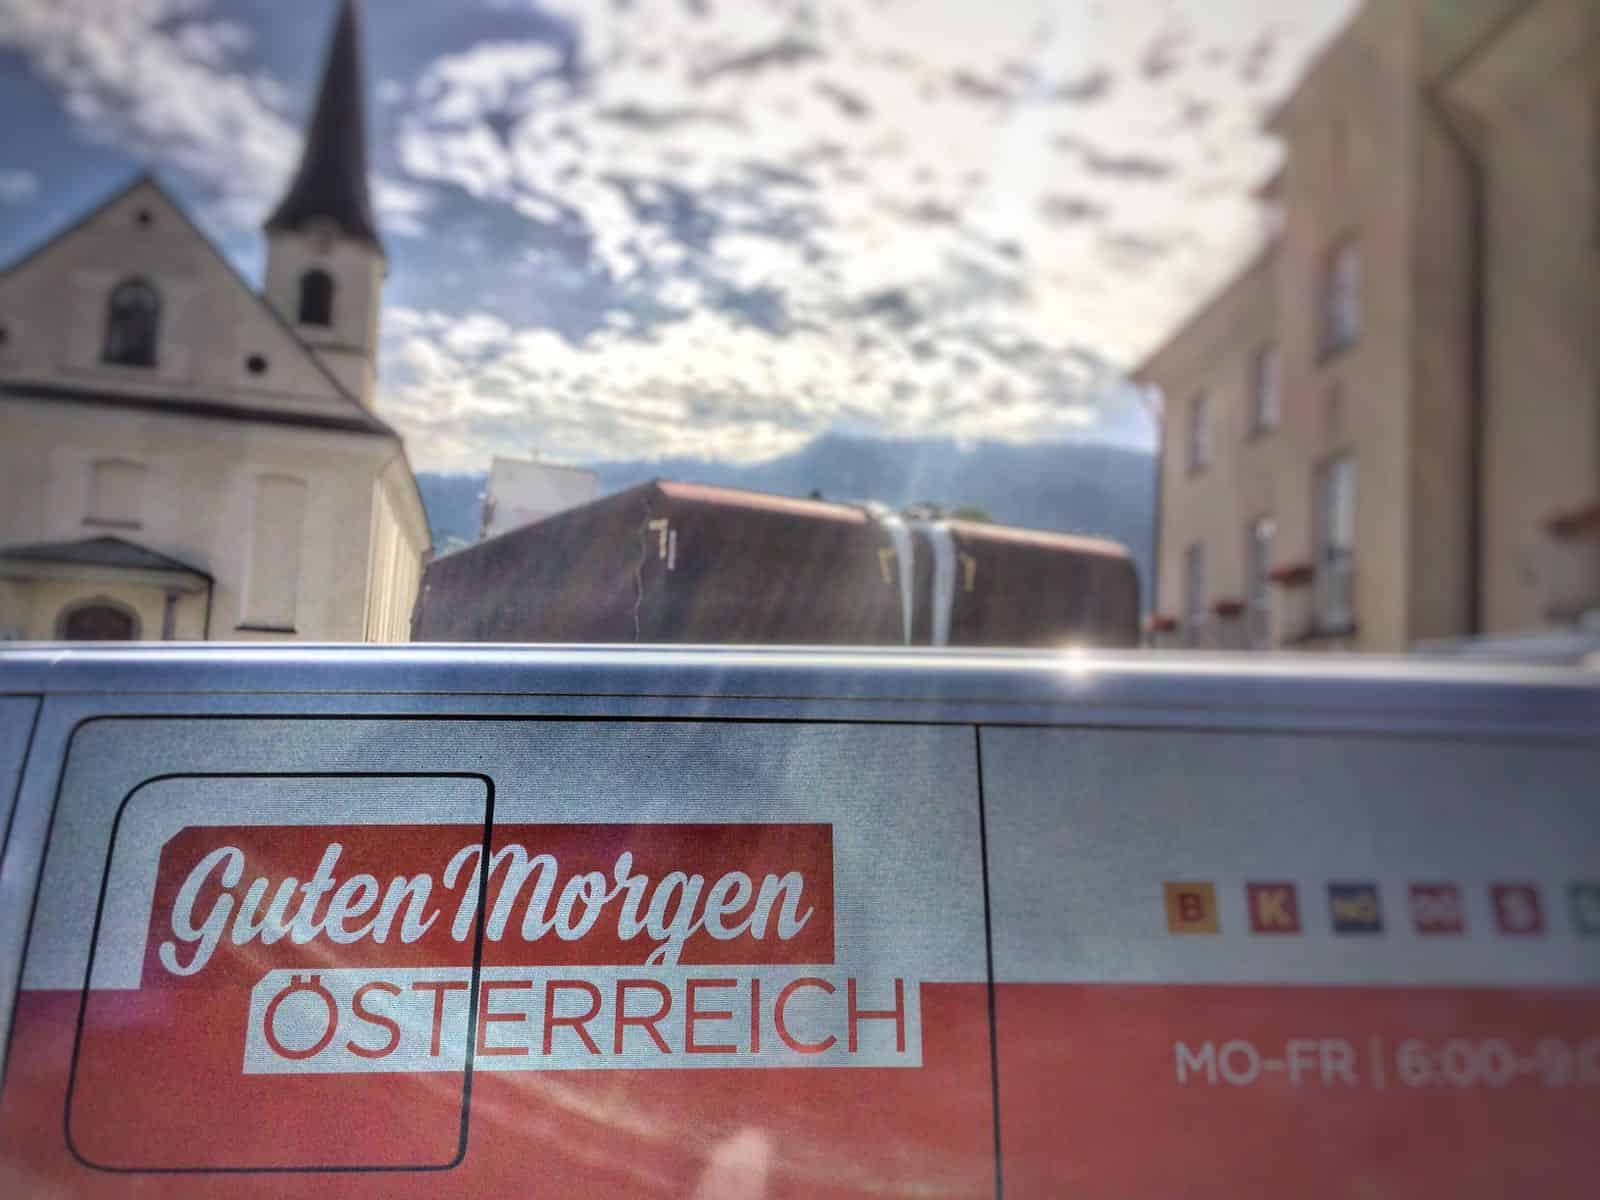 guten morgen oesterreich 22 - Guten Morgen Österreich